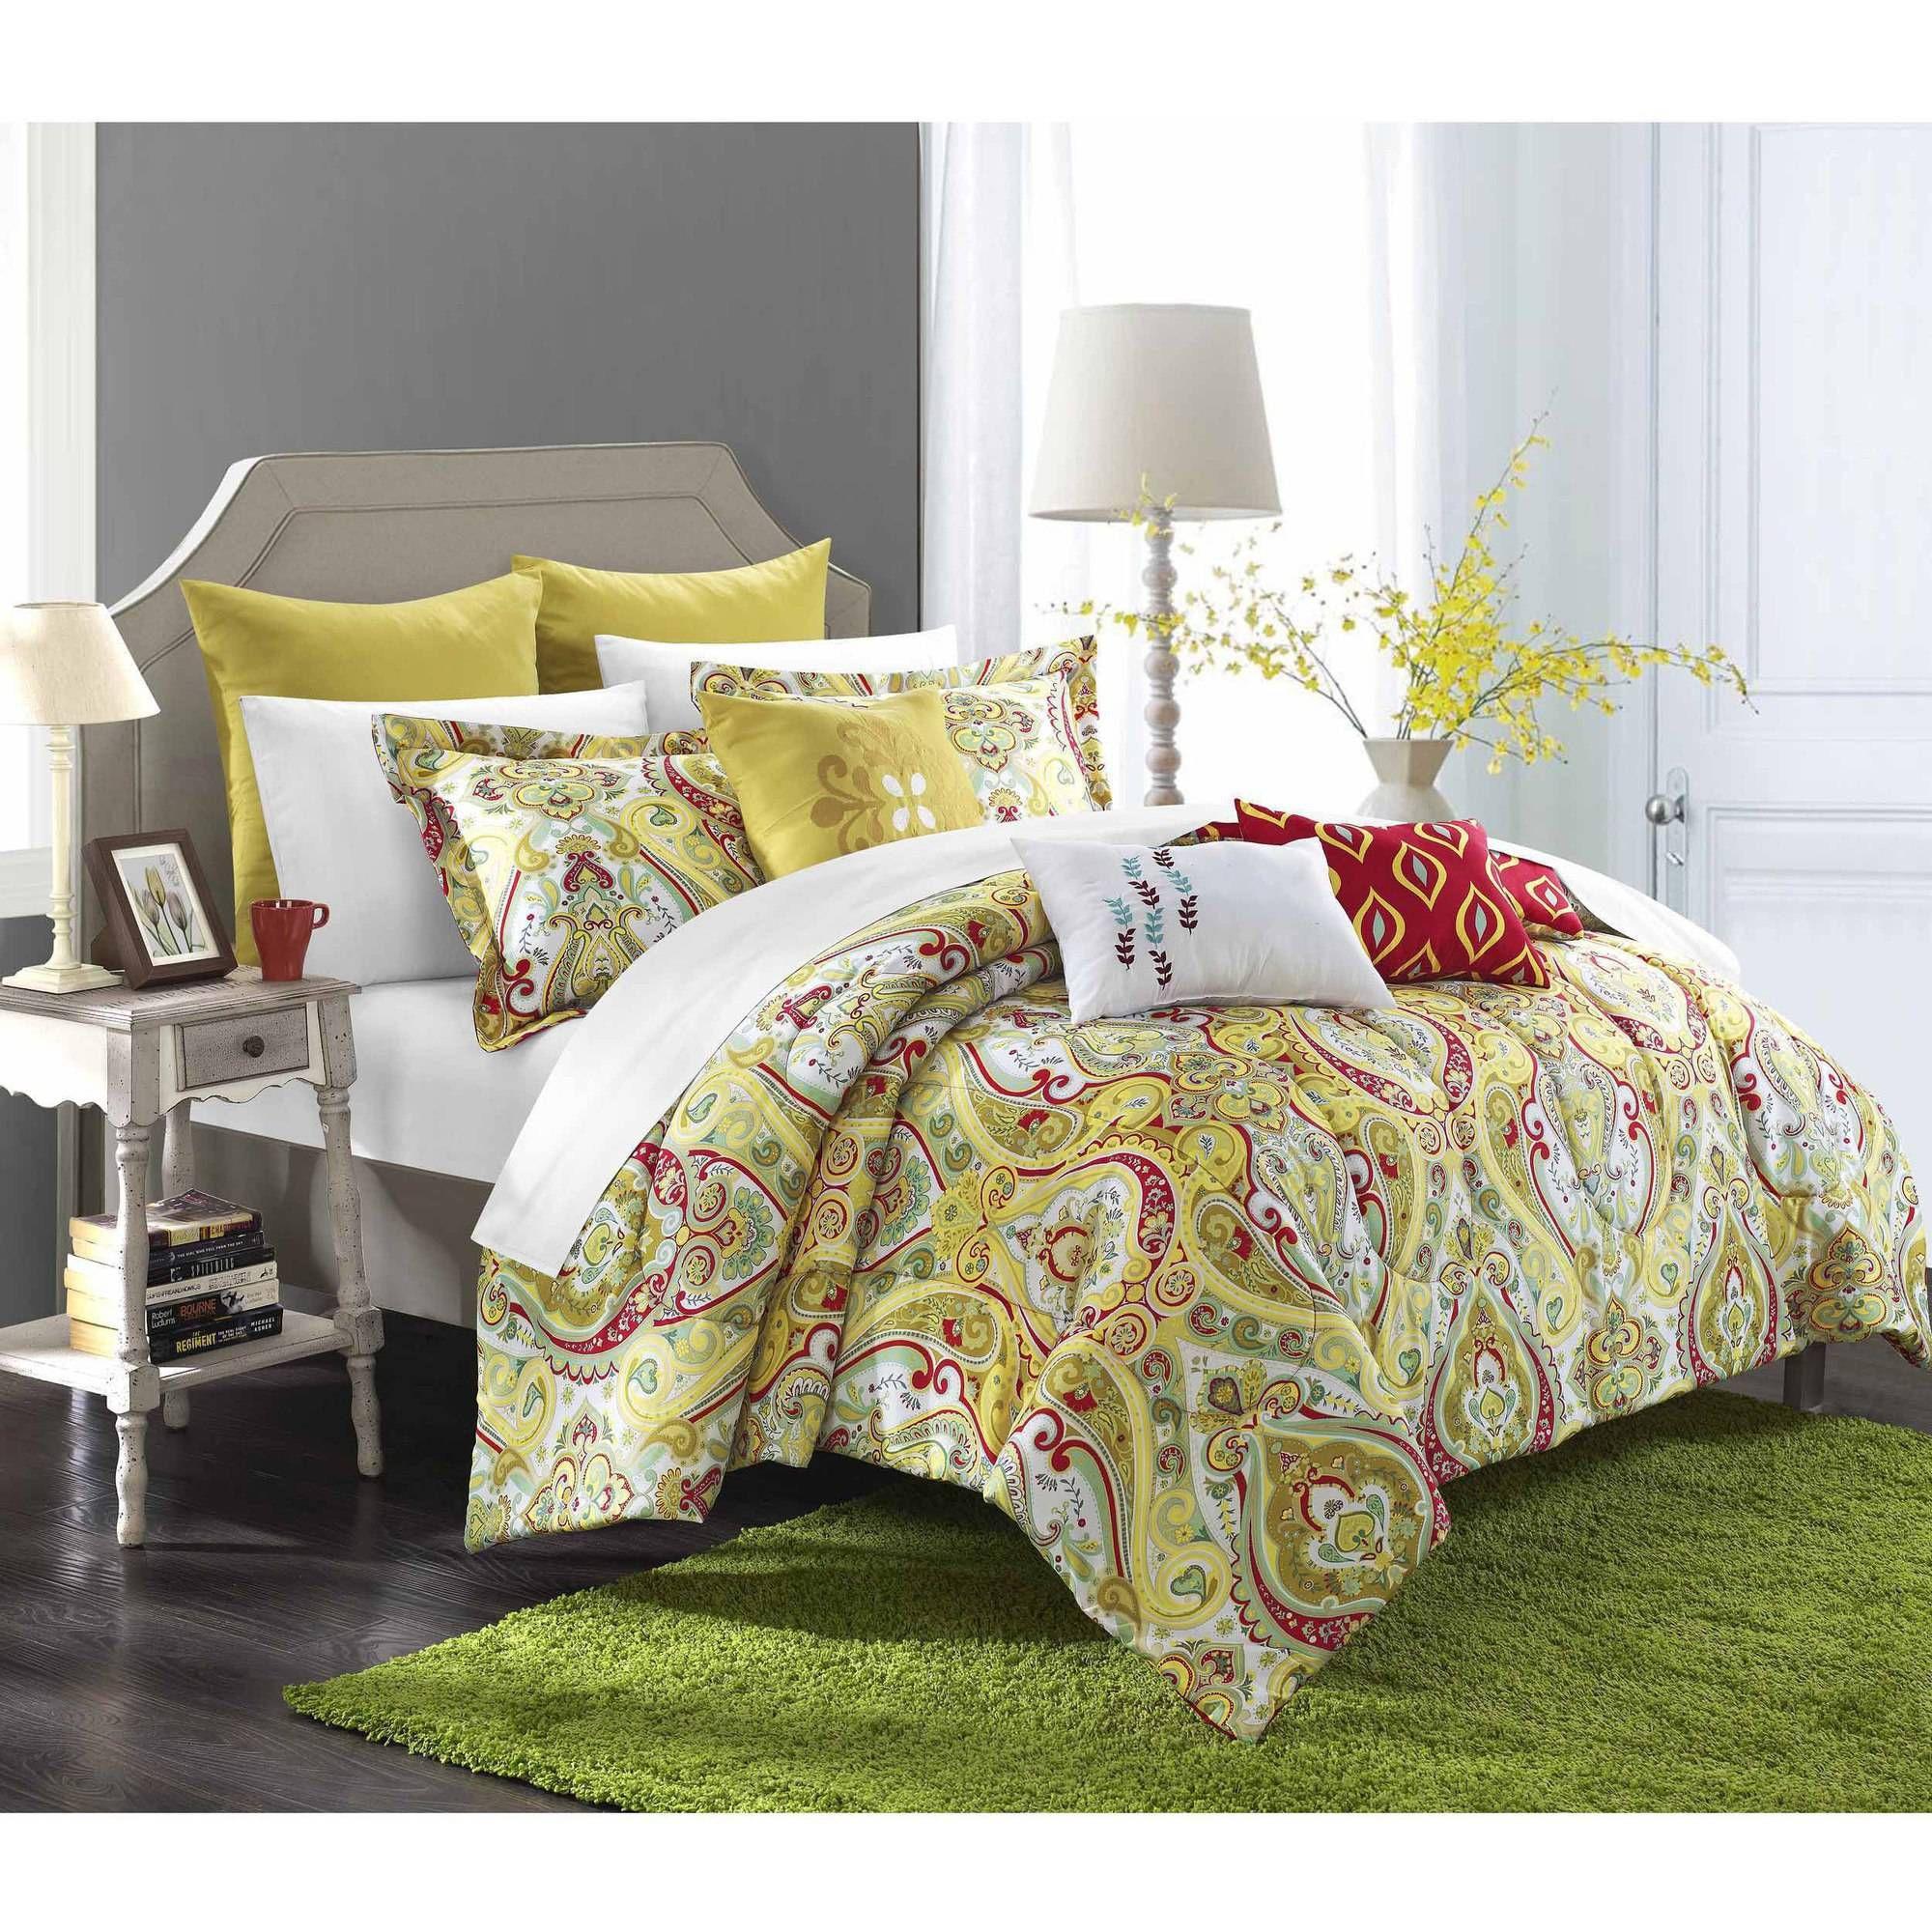 Home Comforter sets, Yellow comforter set, Home